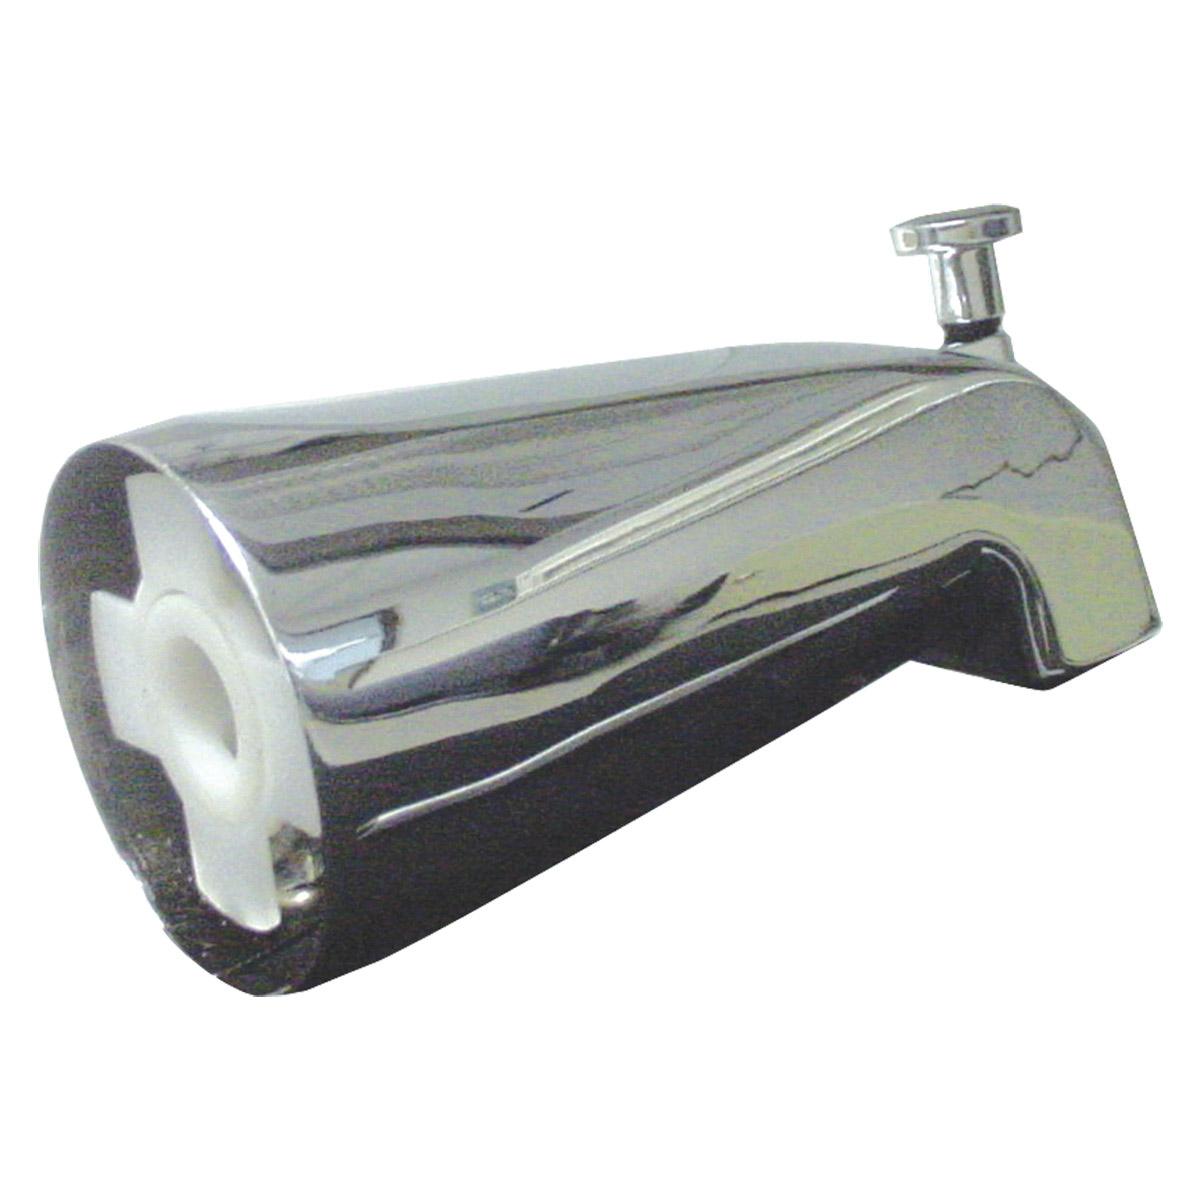 Kissler 82-0014 Slip Diverter Spout, 1/2 in, Import